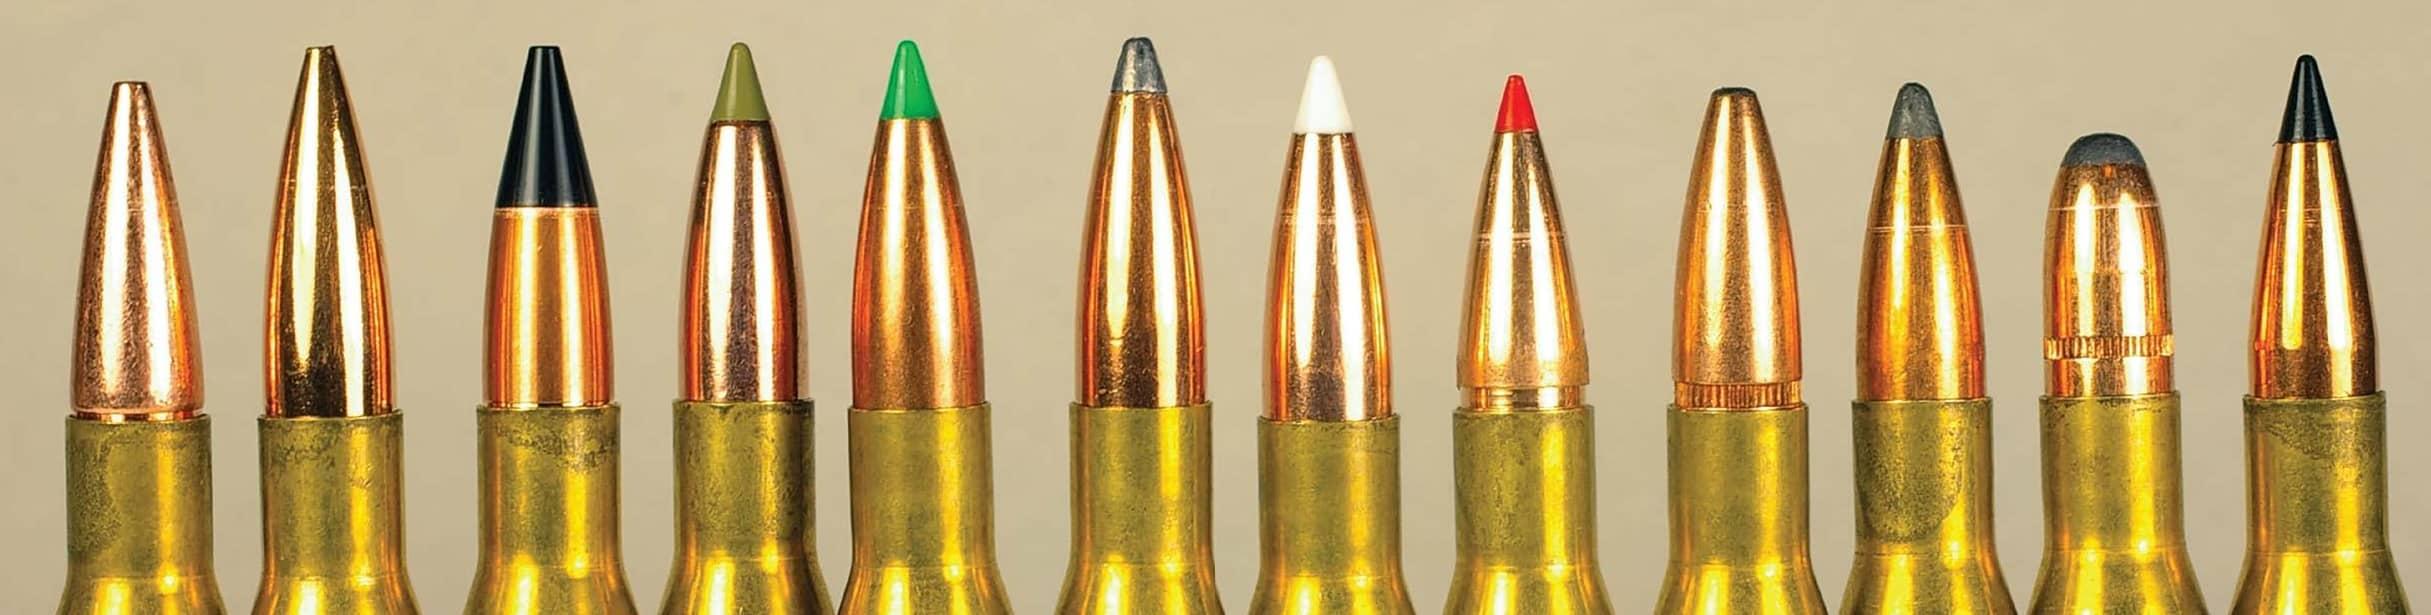 Learn To Reload - Choosing Bullets